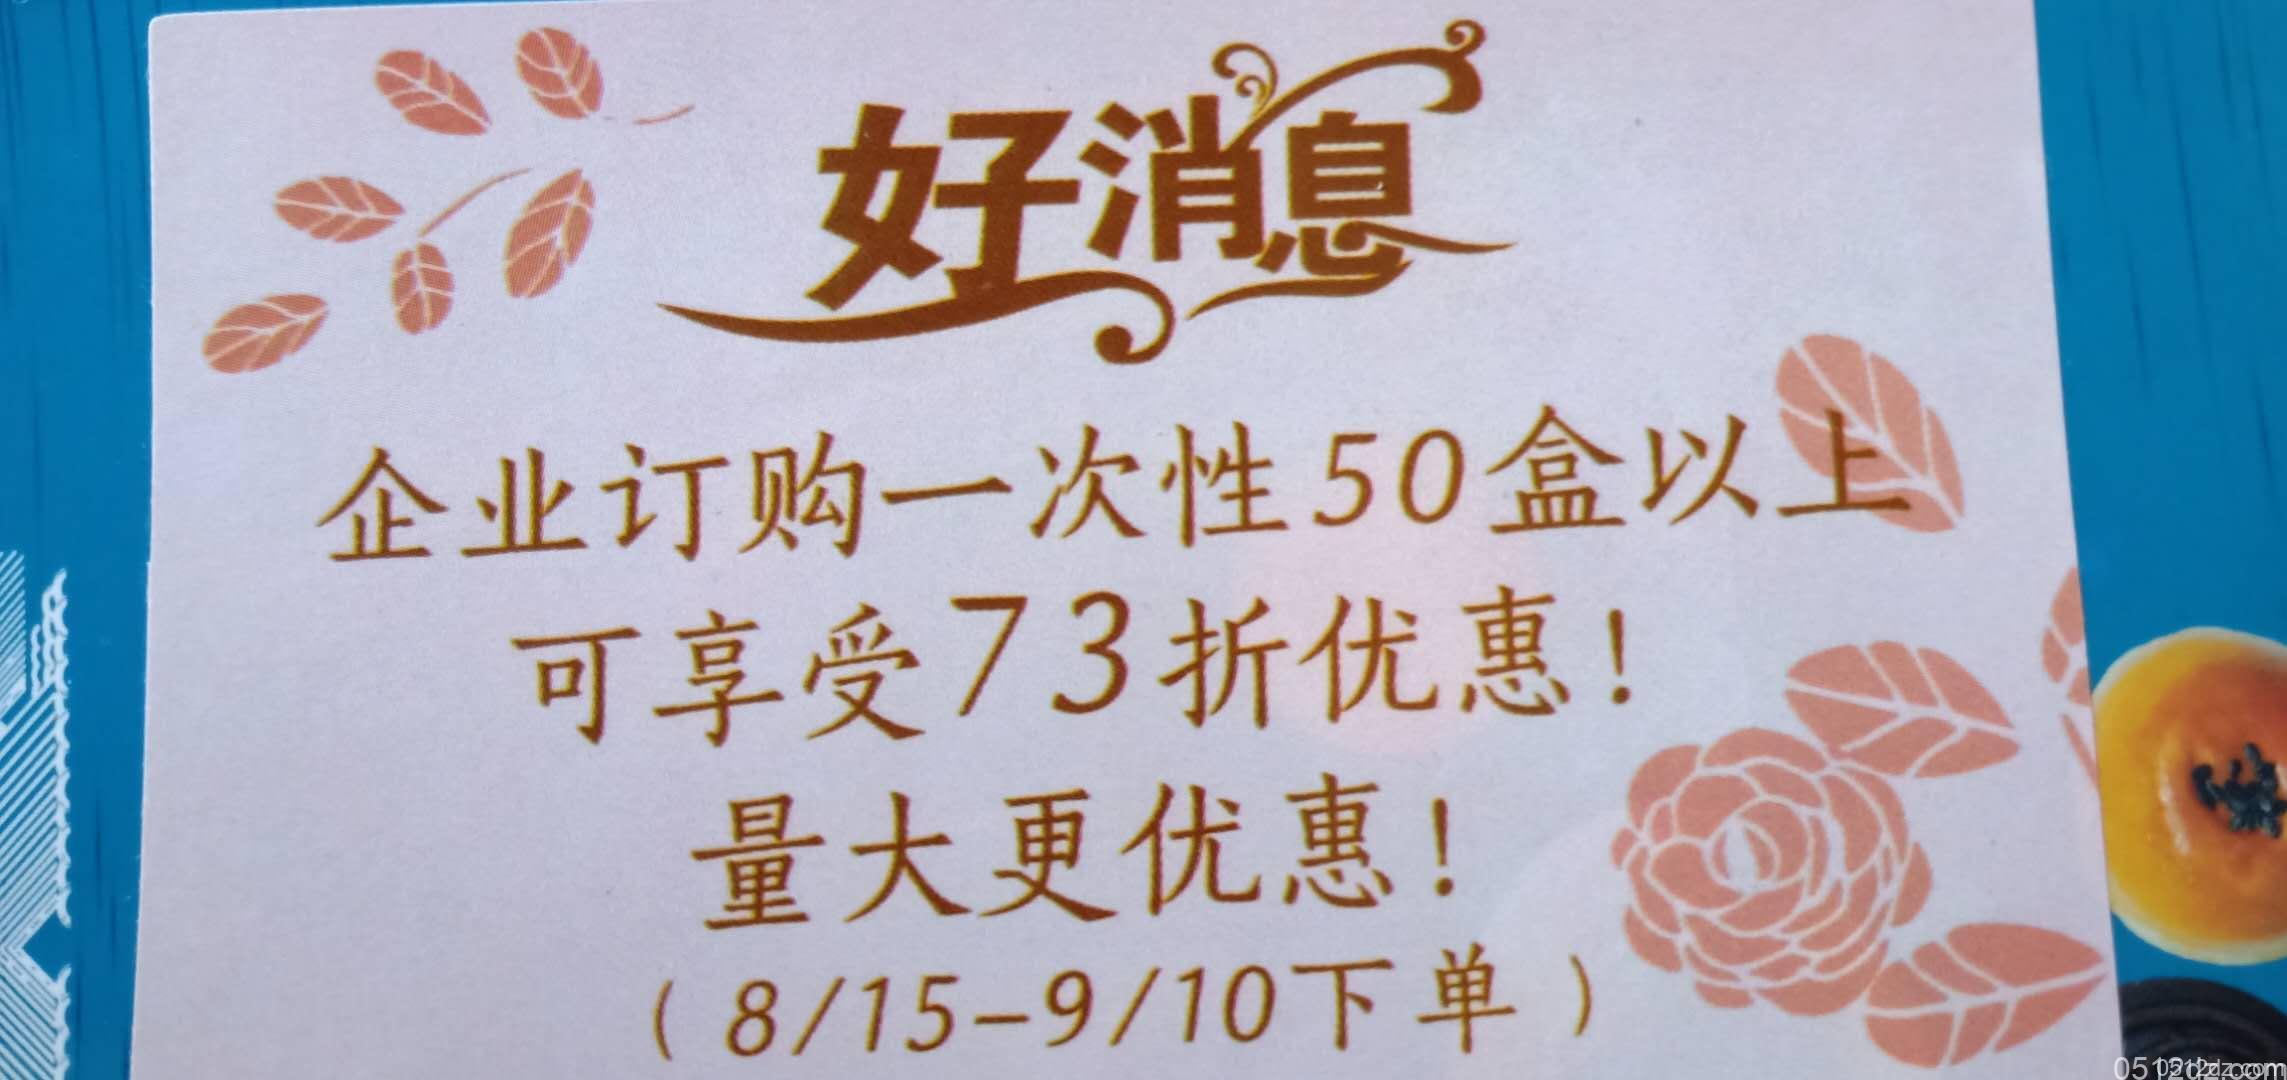 昆山太仓月饼老字号供美香月饼预定较低价